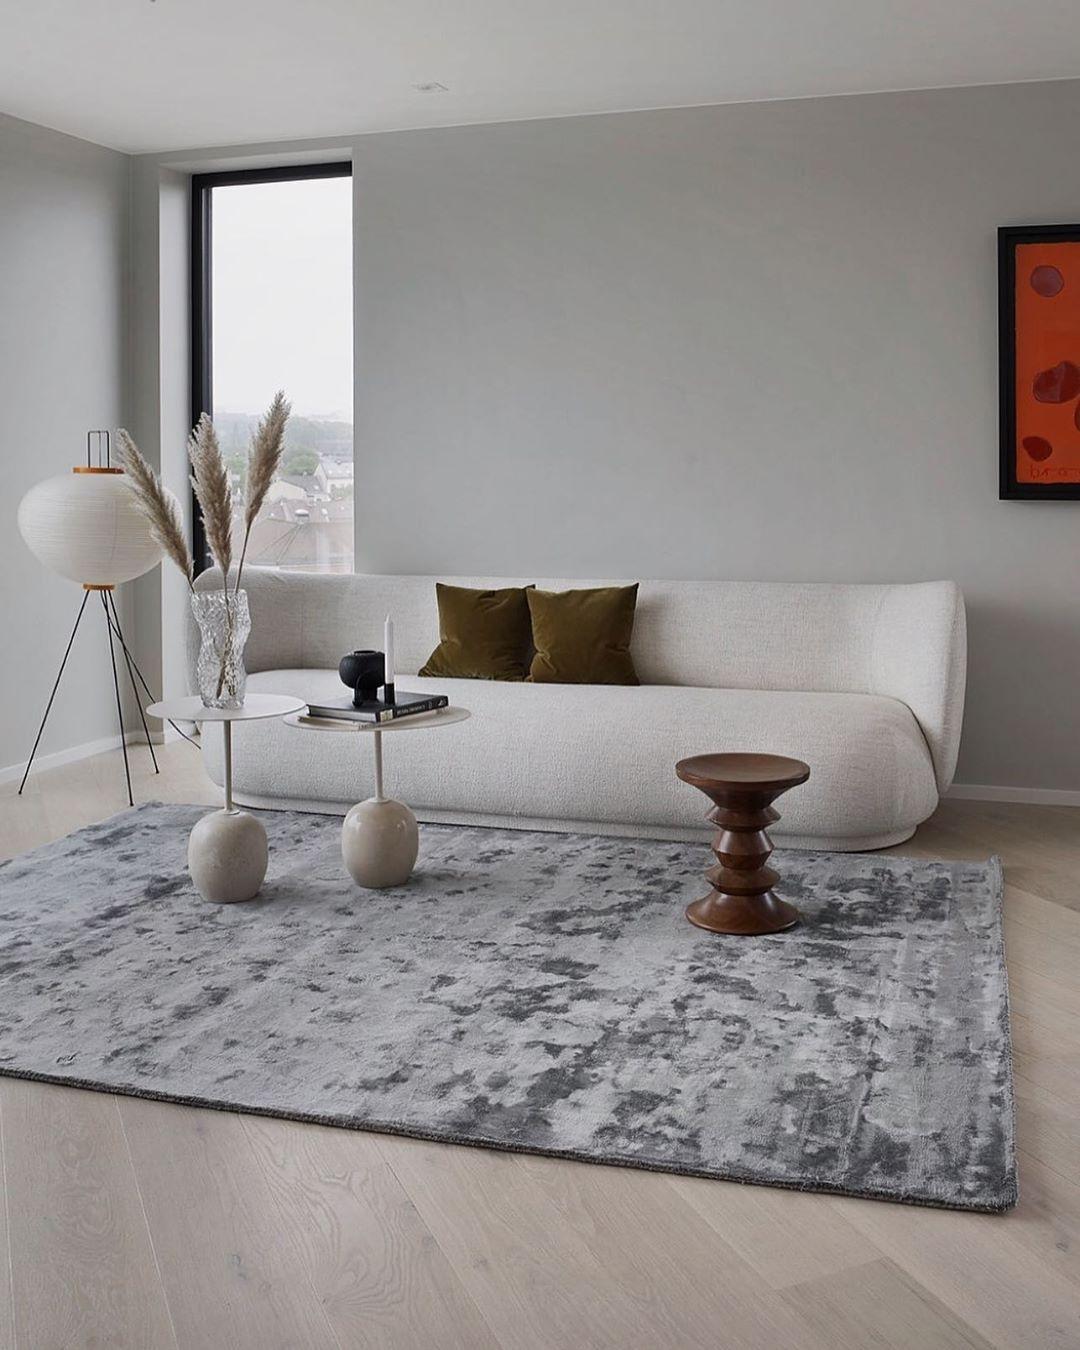 Idee di decorazioni d'interni e preparati per cambiare il look di casa in piccole. Pin On Winter White